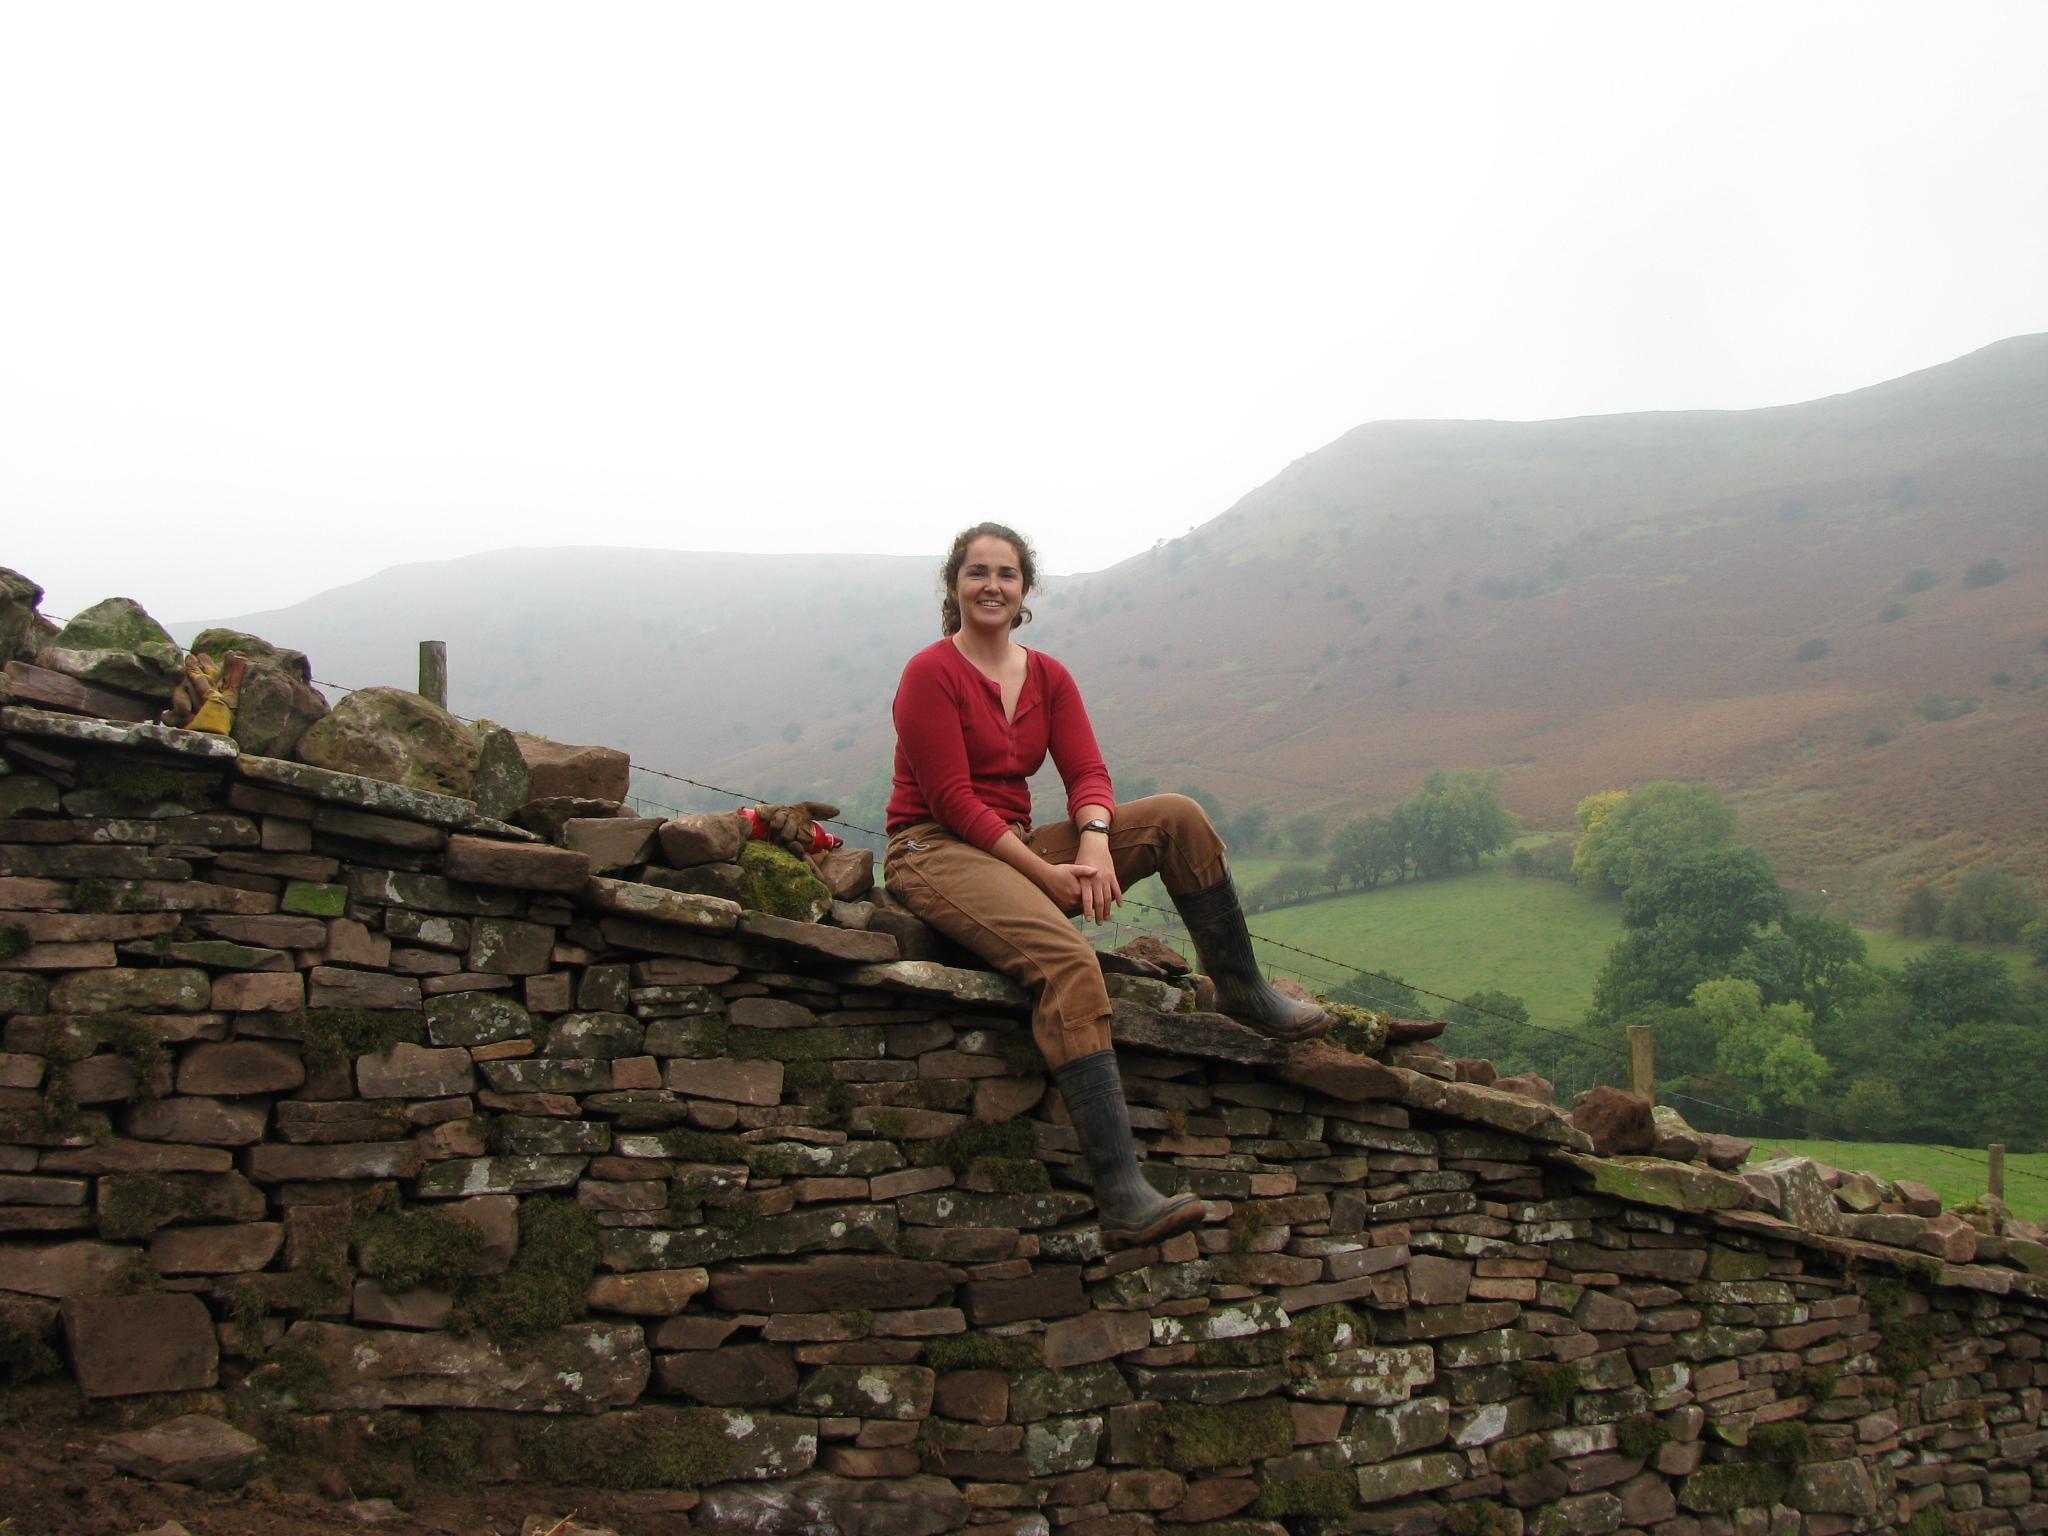 Farm wall reconstruction